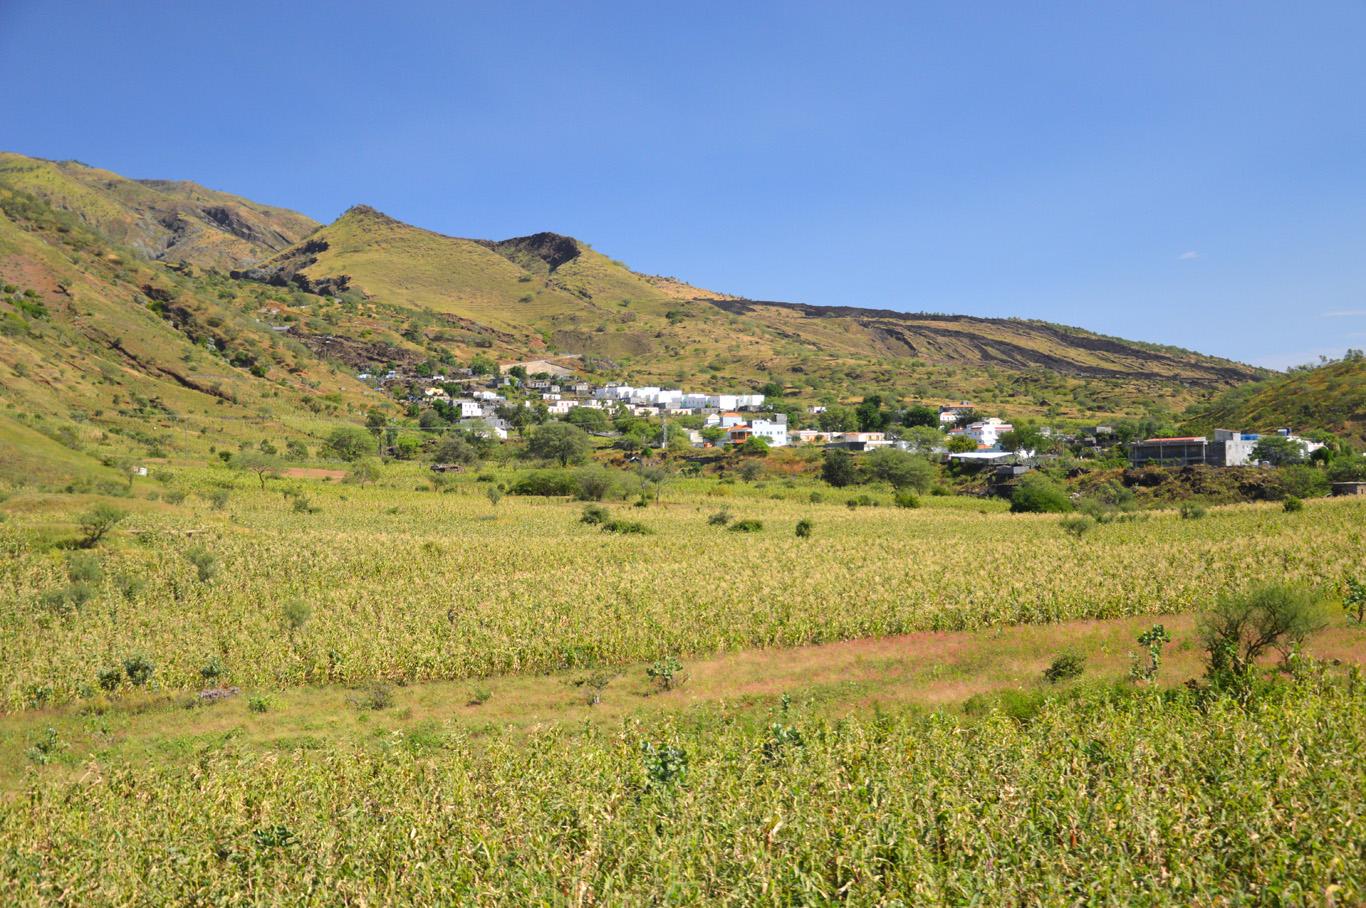 Green slopes before the main caldera